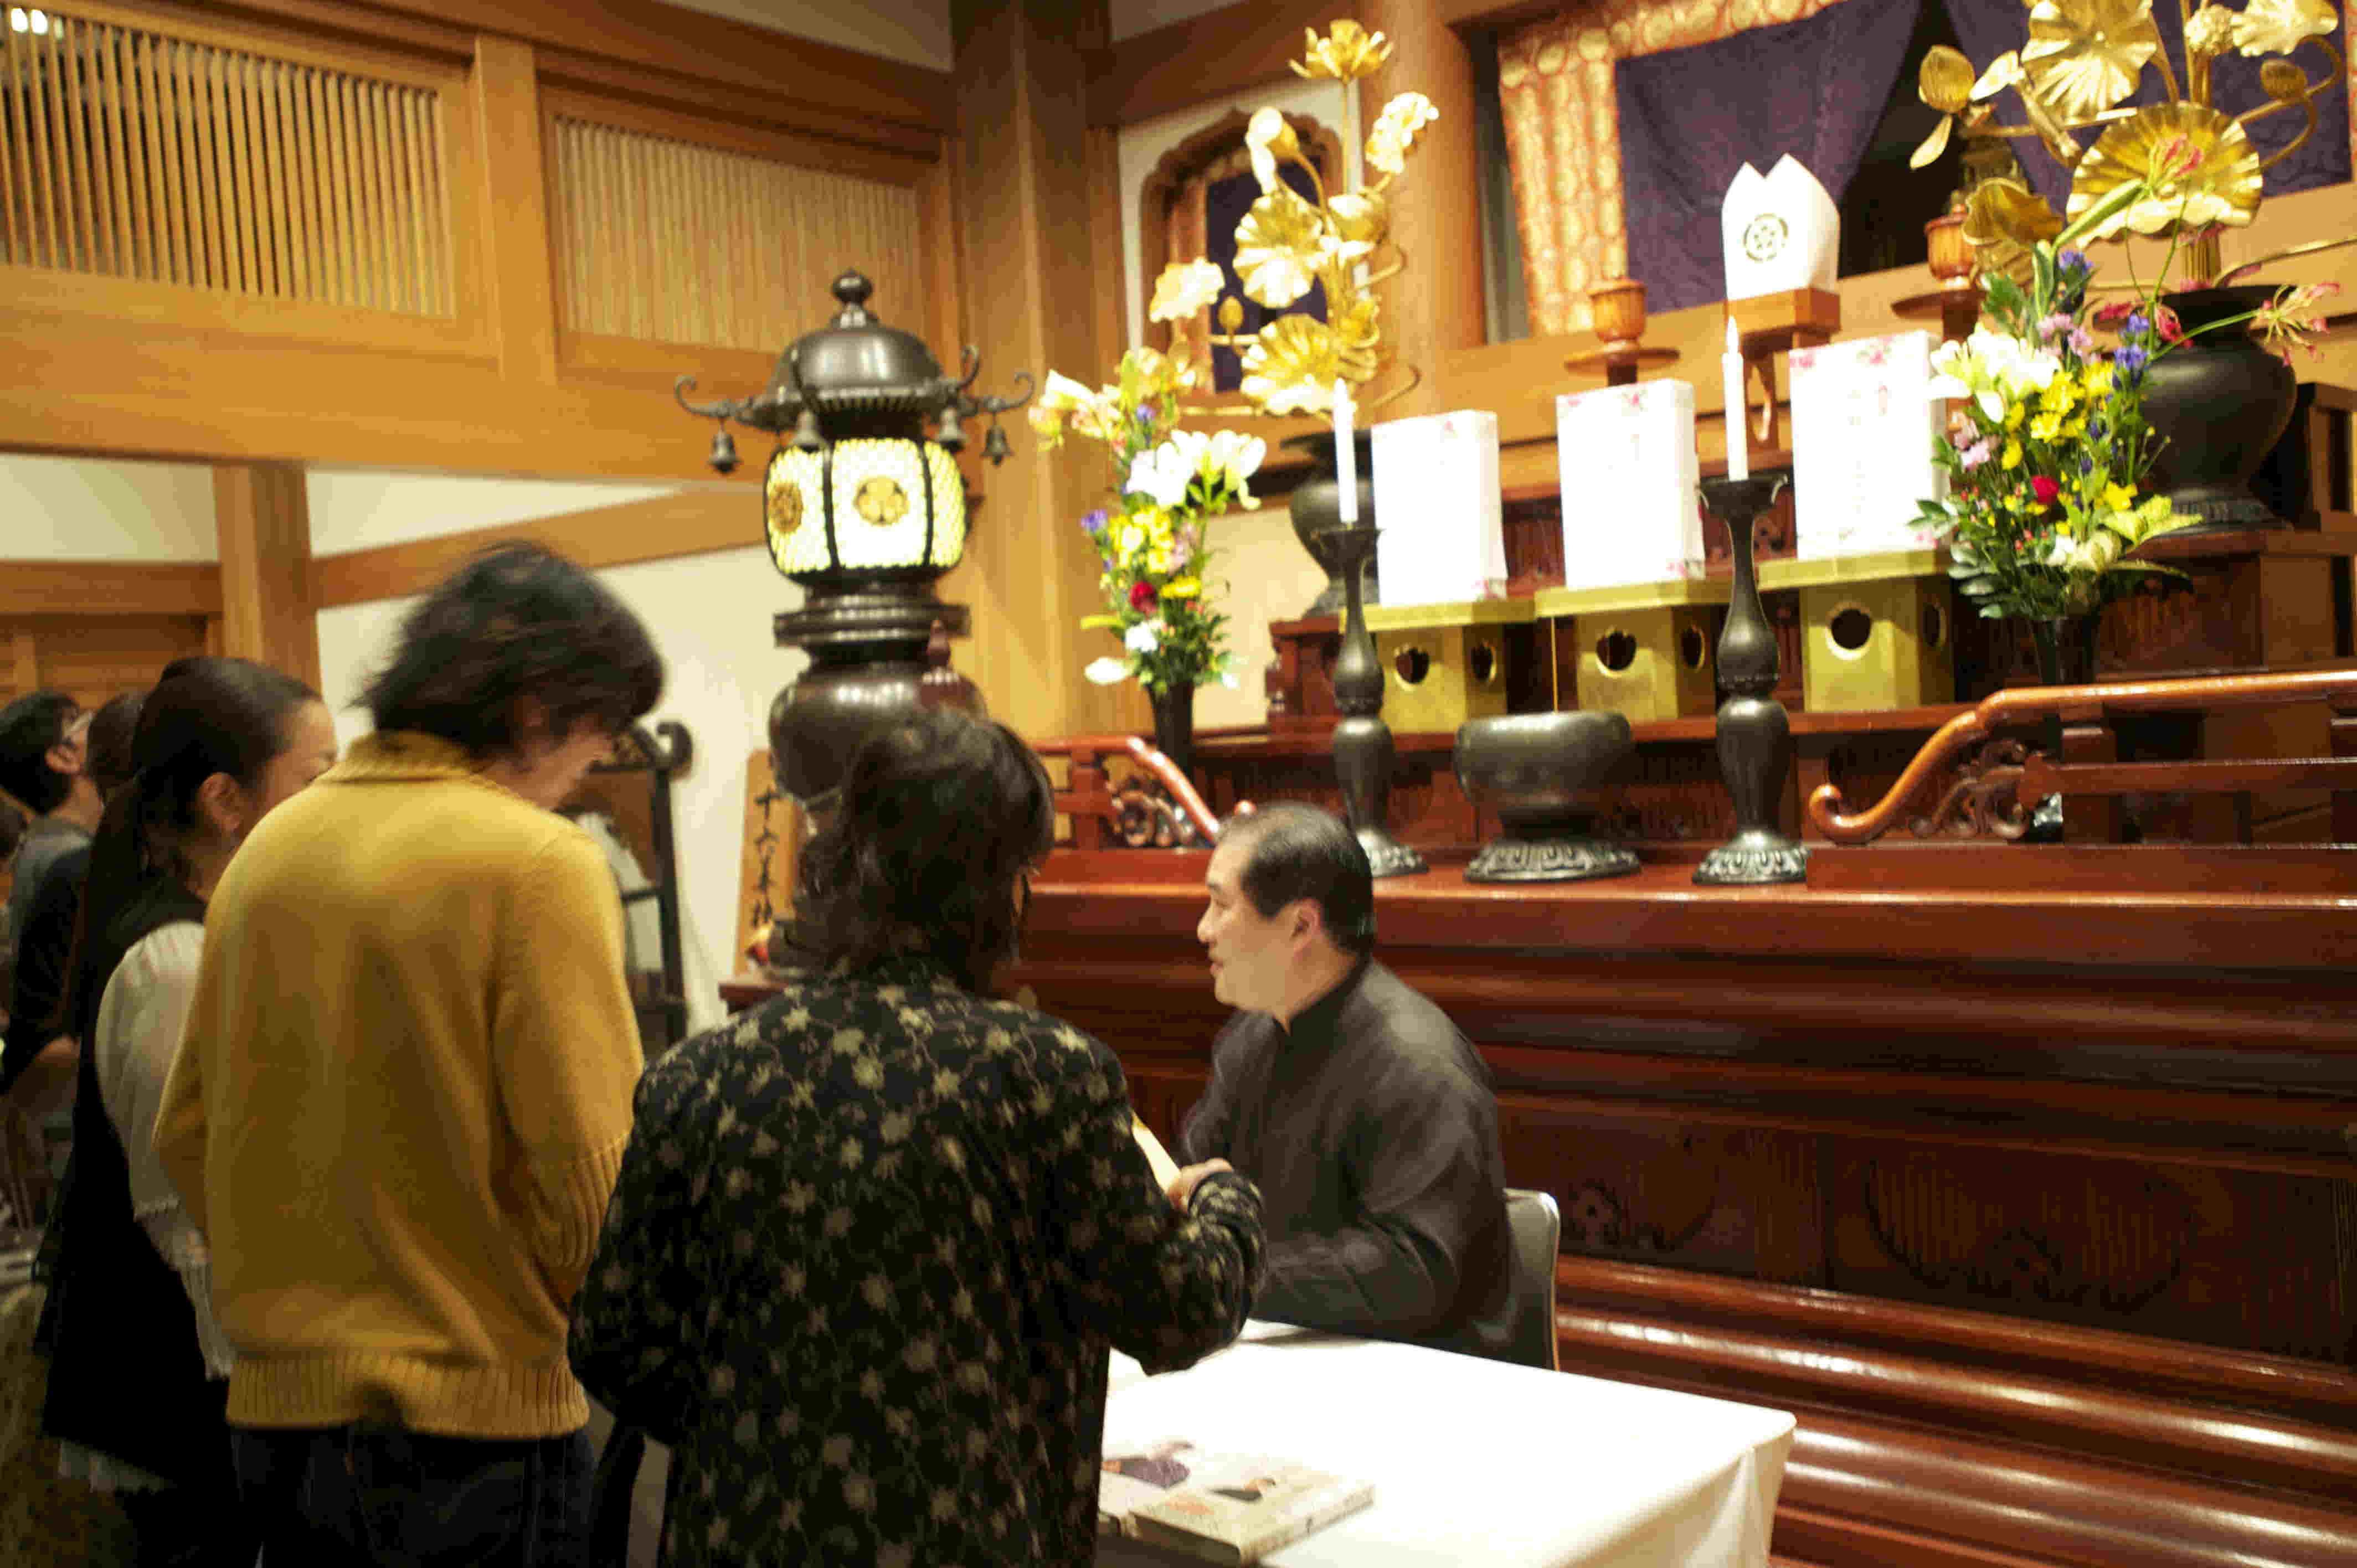 出版記念特別対談in名古屋市万松寺『なぜ あなたの病気は治らないのか』青島大明院長によるサイン会